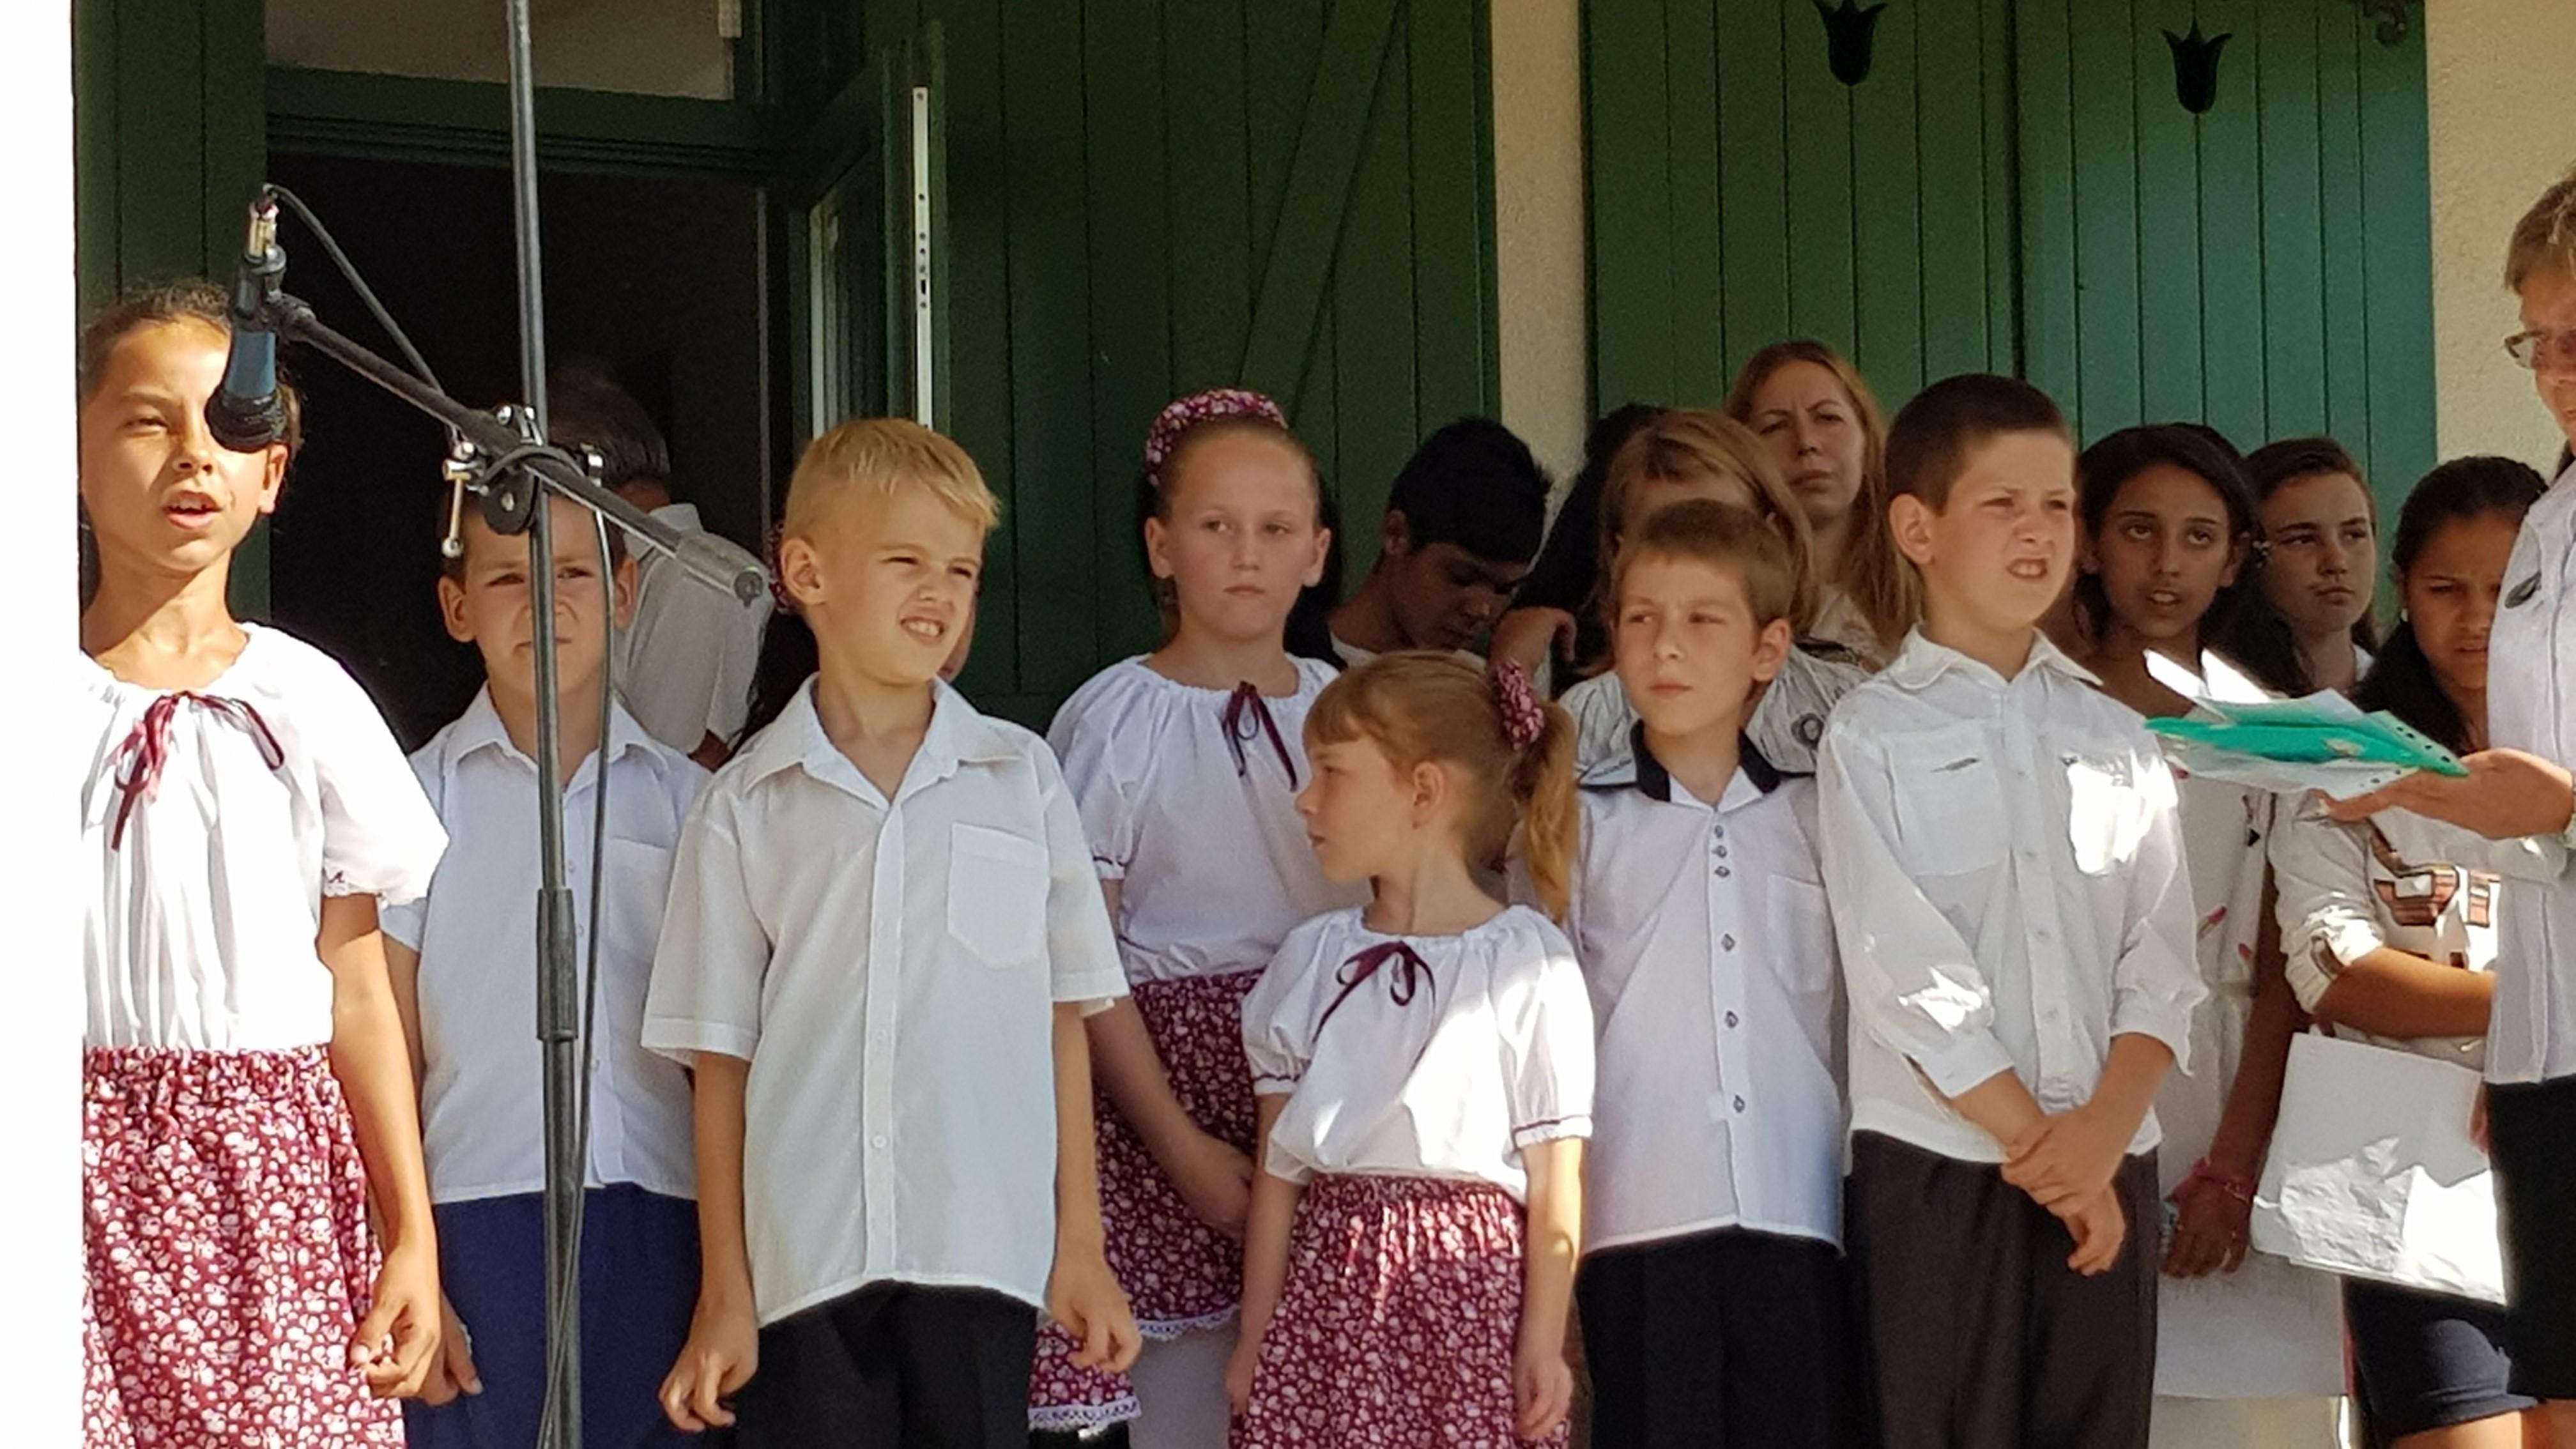 Pelekeszi általános iskola diákjai